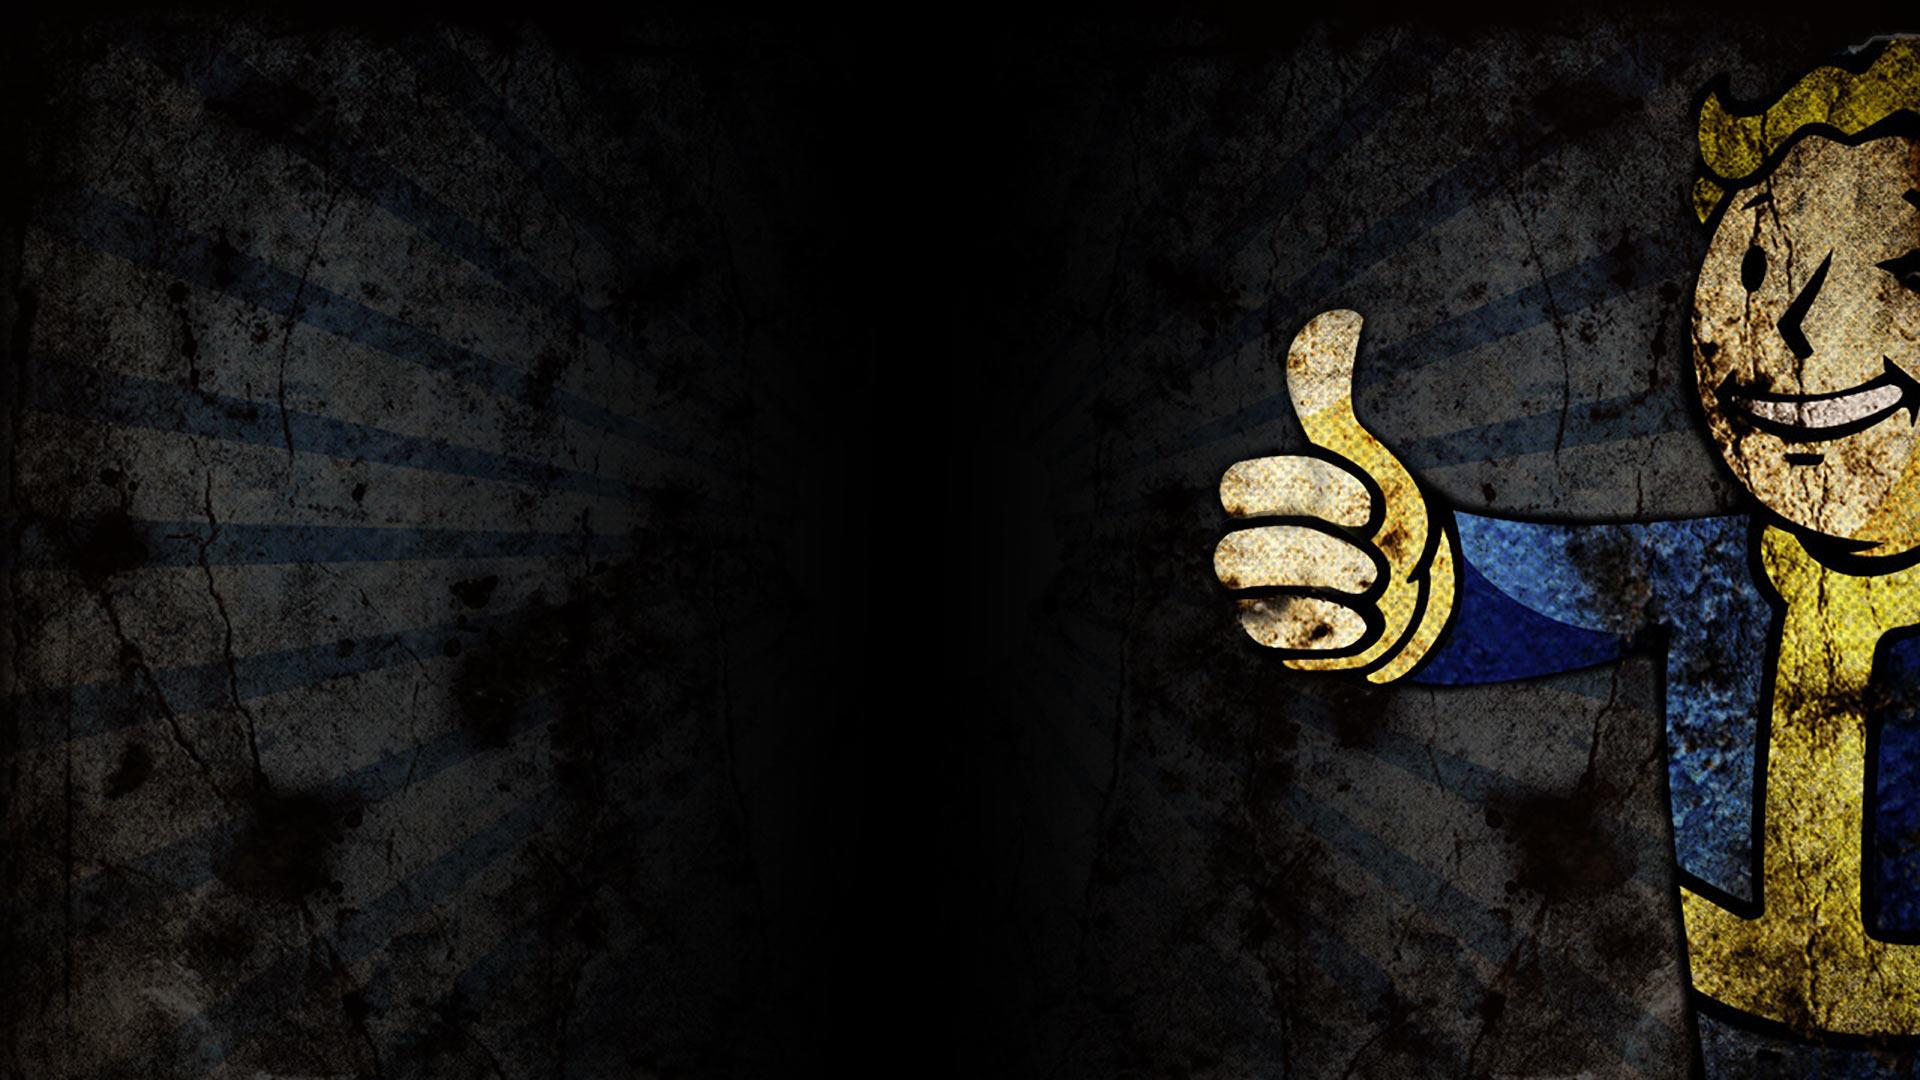 6 HD Fallout Vault Boy Wallpapers - HDWallSource.com